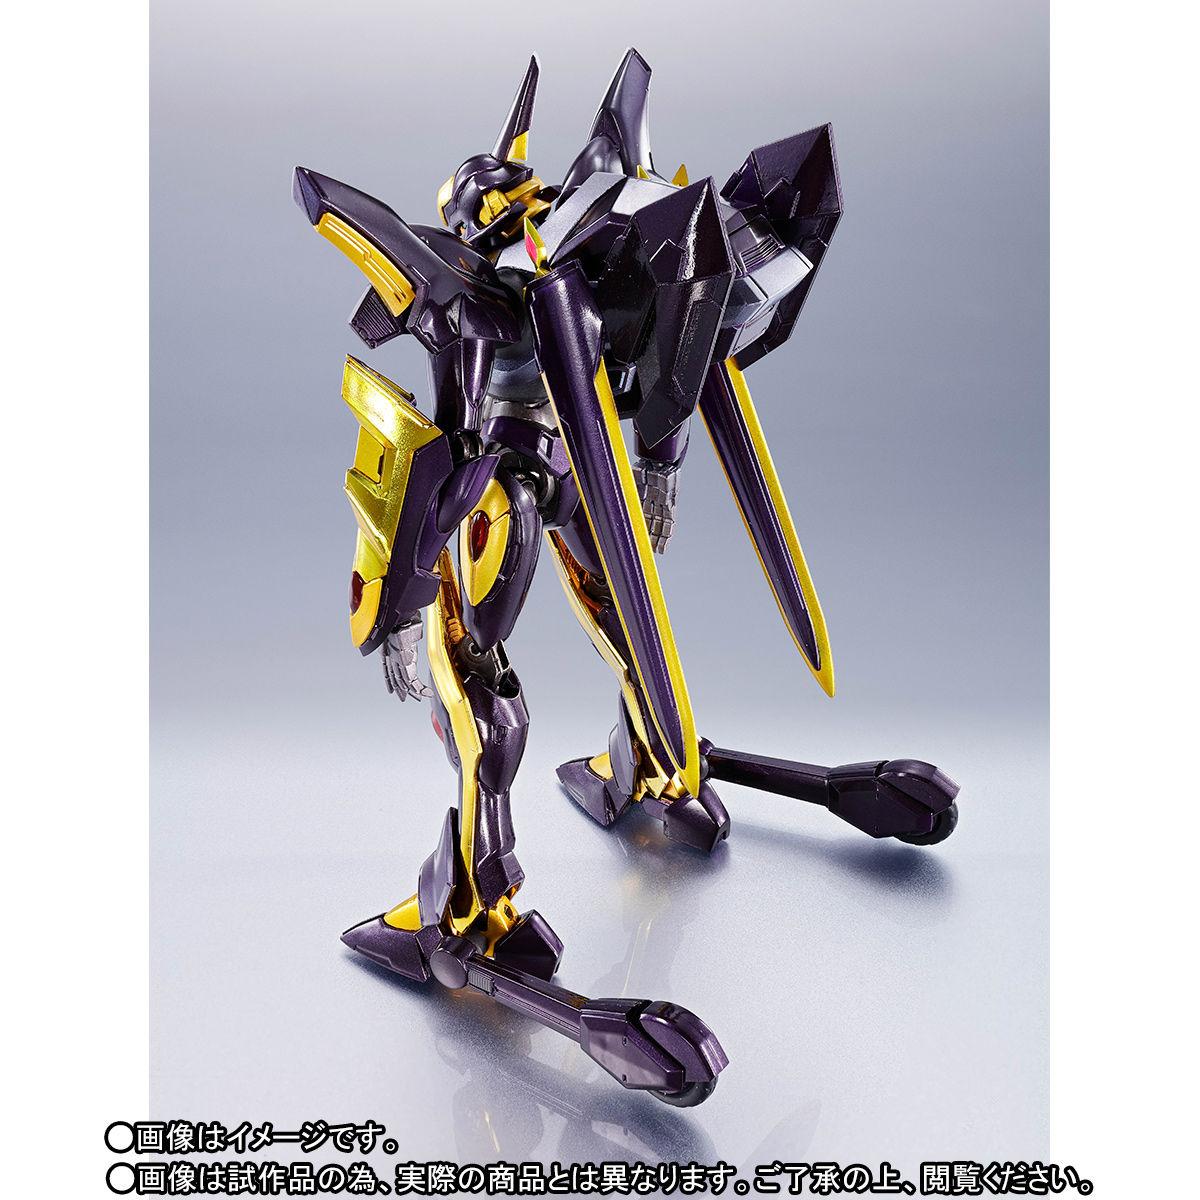 METAL ROBOT魂〈SIDE KMF〉『ランスロット・アルビオン ゼロ』コードギアス 可動フィギュア-009